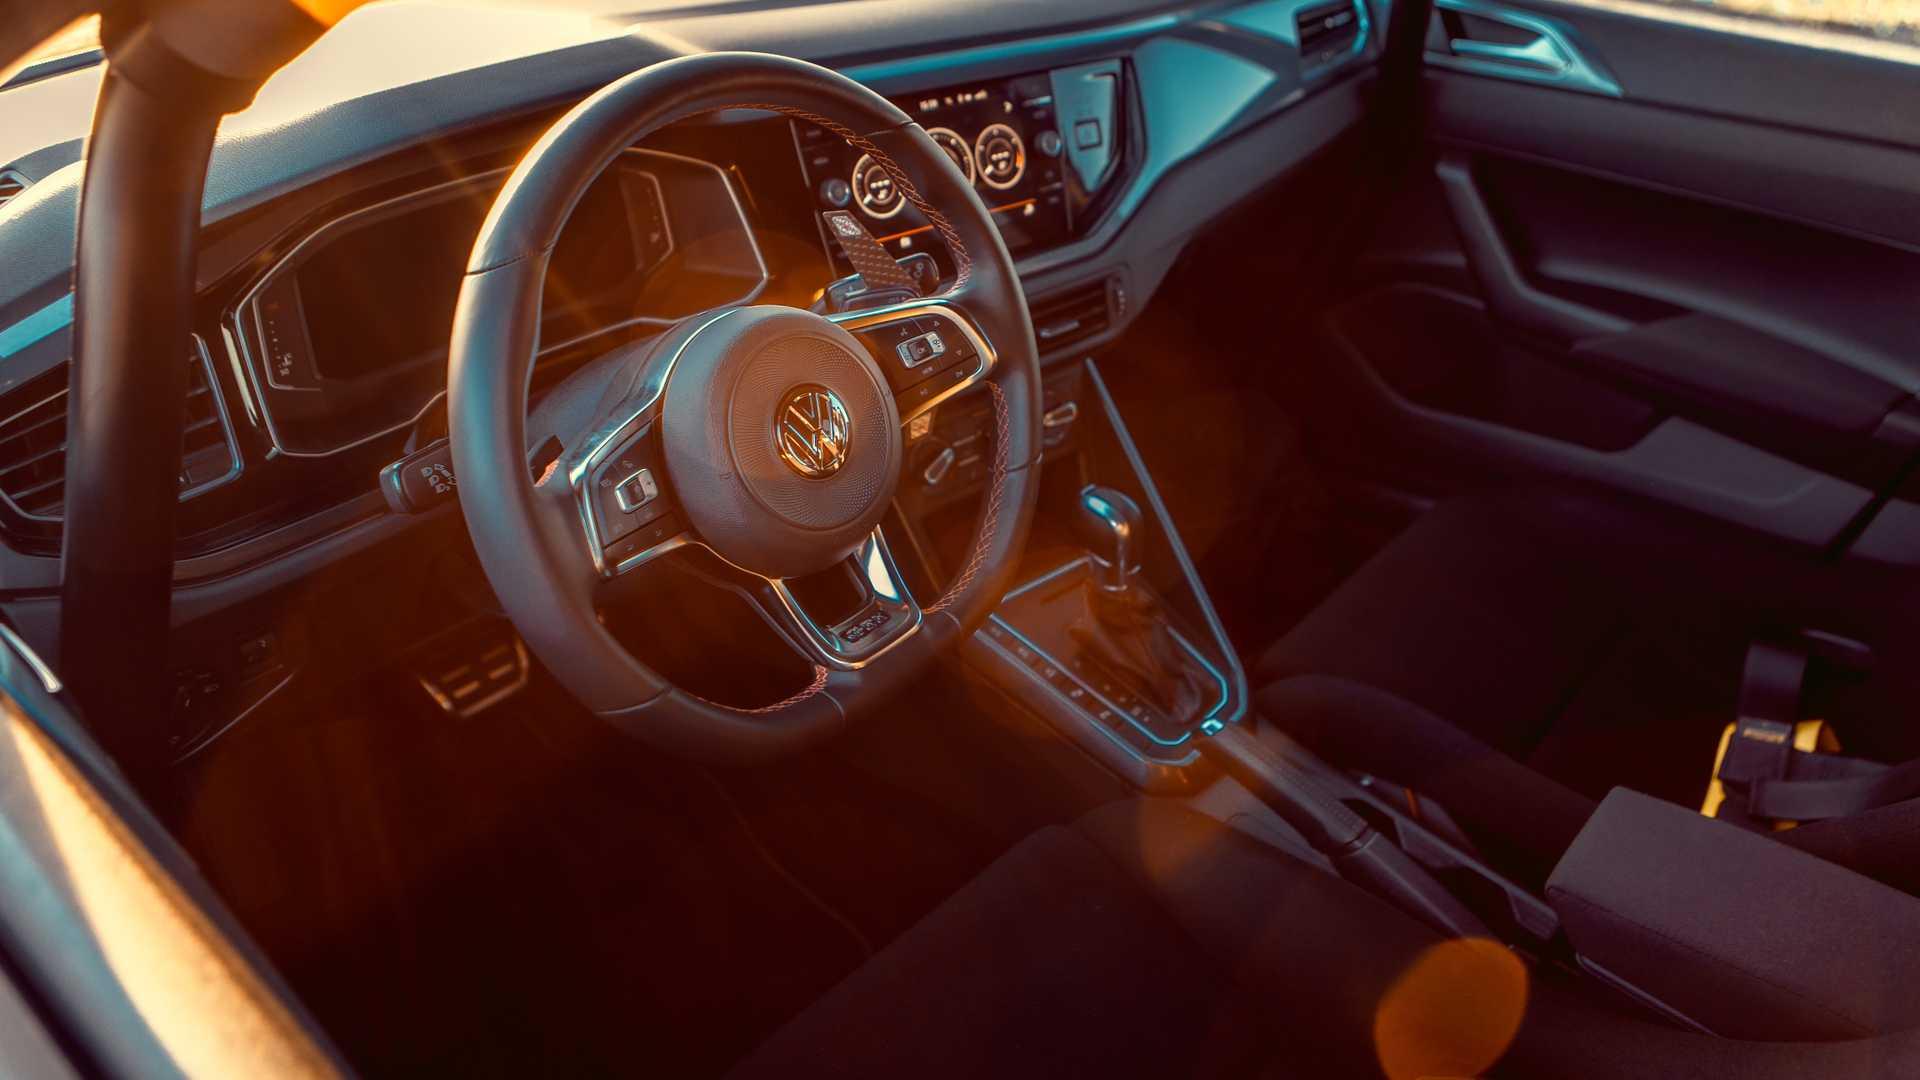 Volkswagen-Polo-GTI-by-Siemoneit-Racing-8